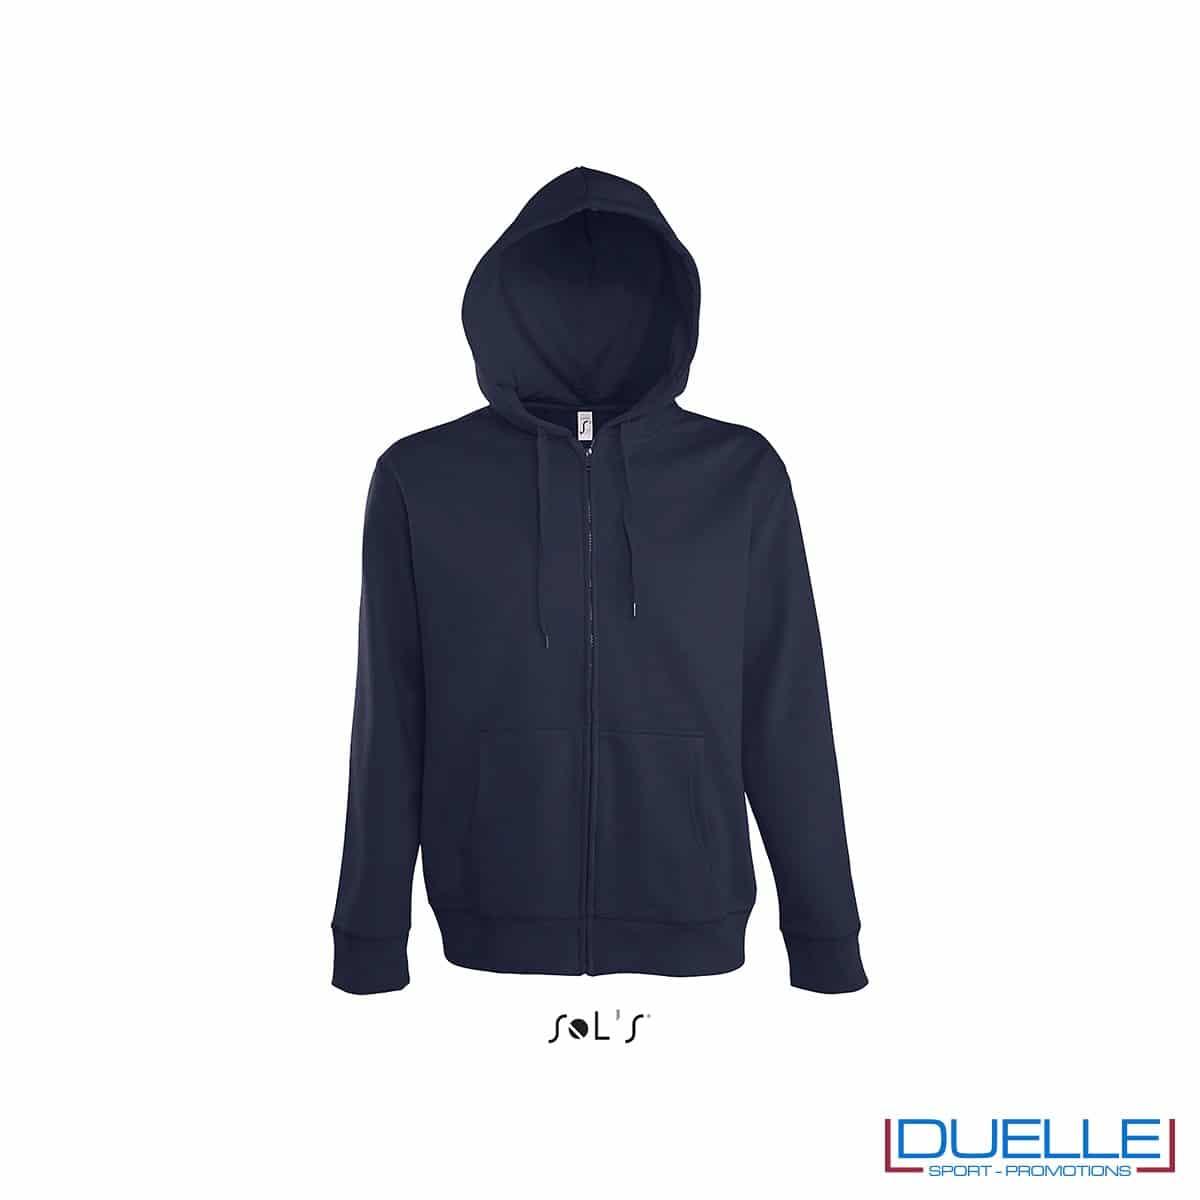 felpa personalizzata con cappuccio e zip completa colore blu navy, felpa personalizzata